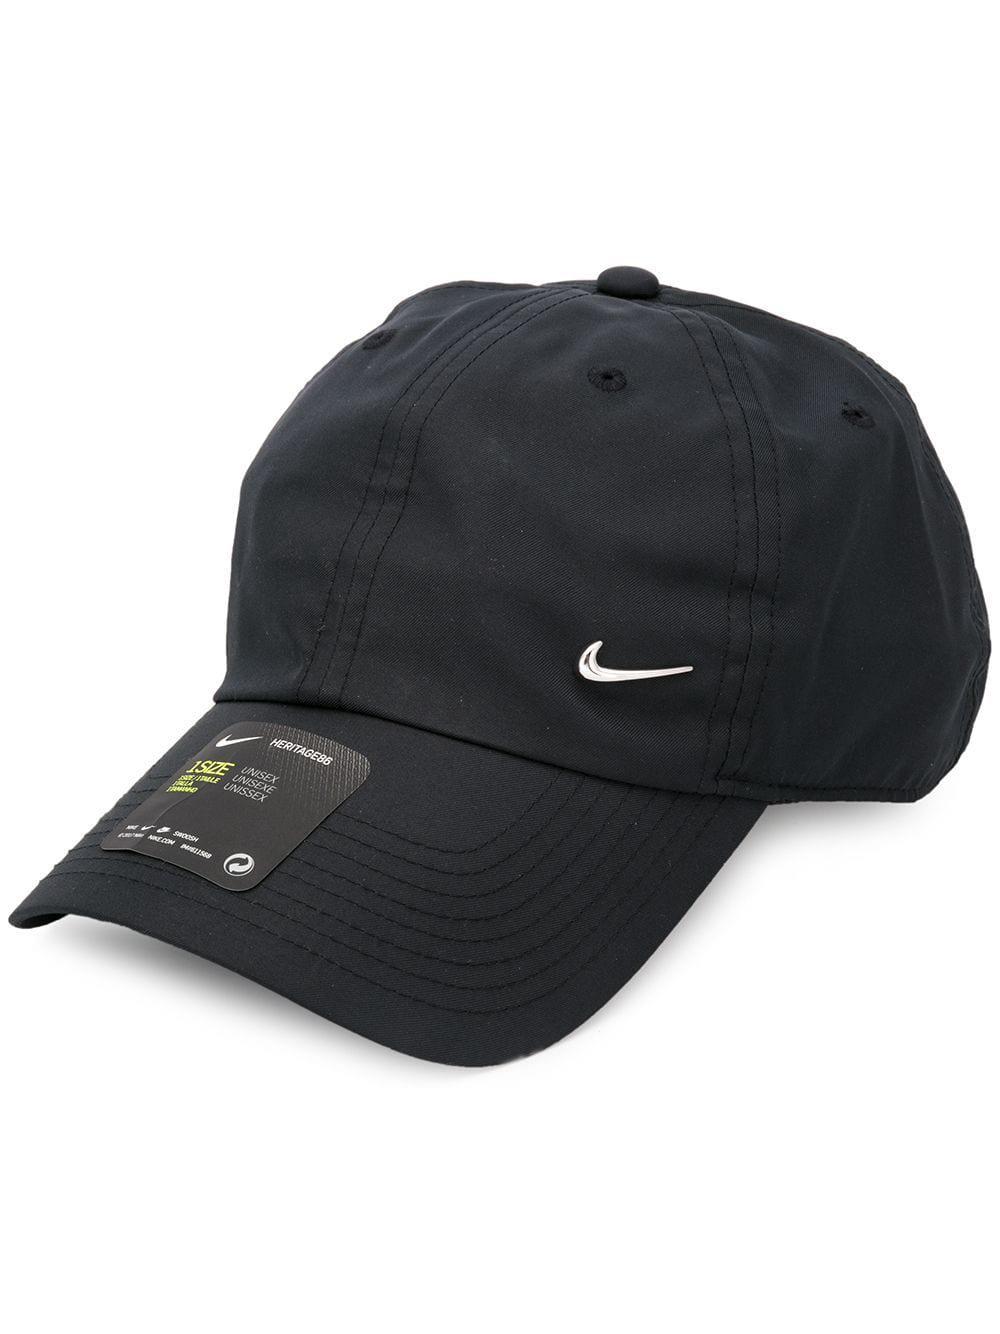 Nike Metal Swoosh H86 Cap In Black